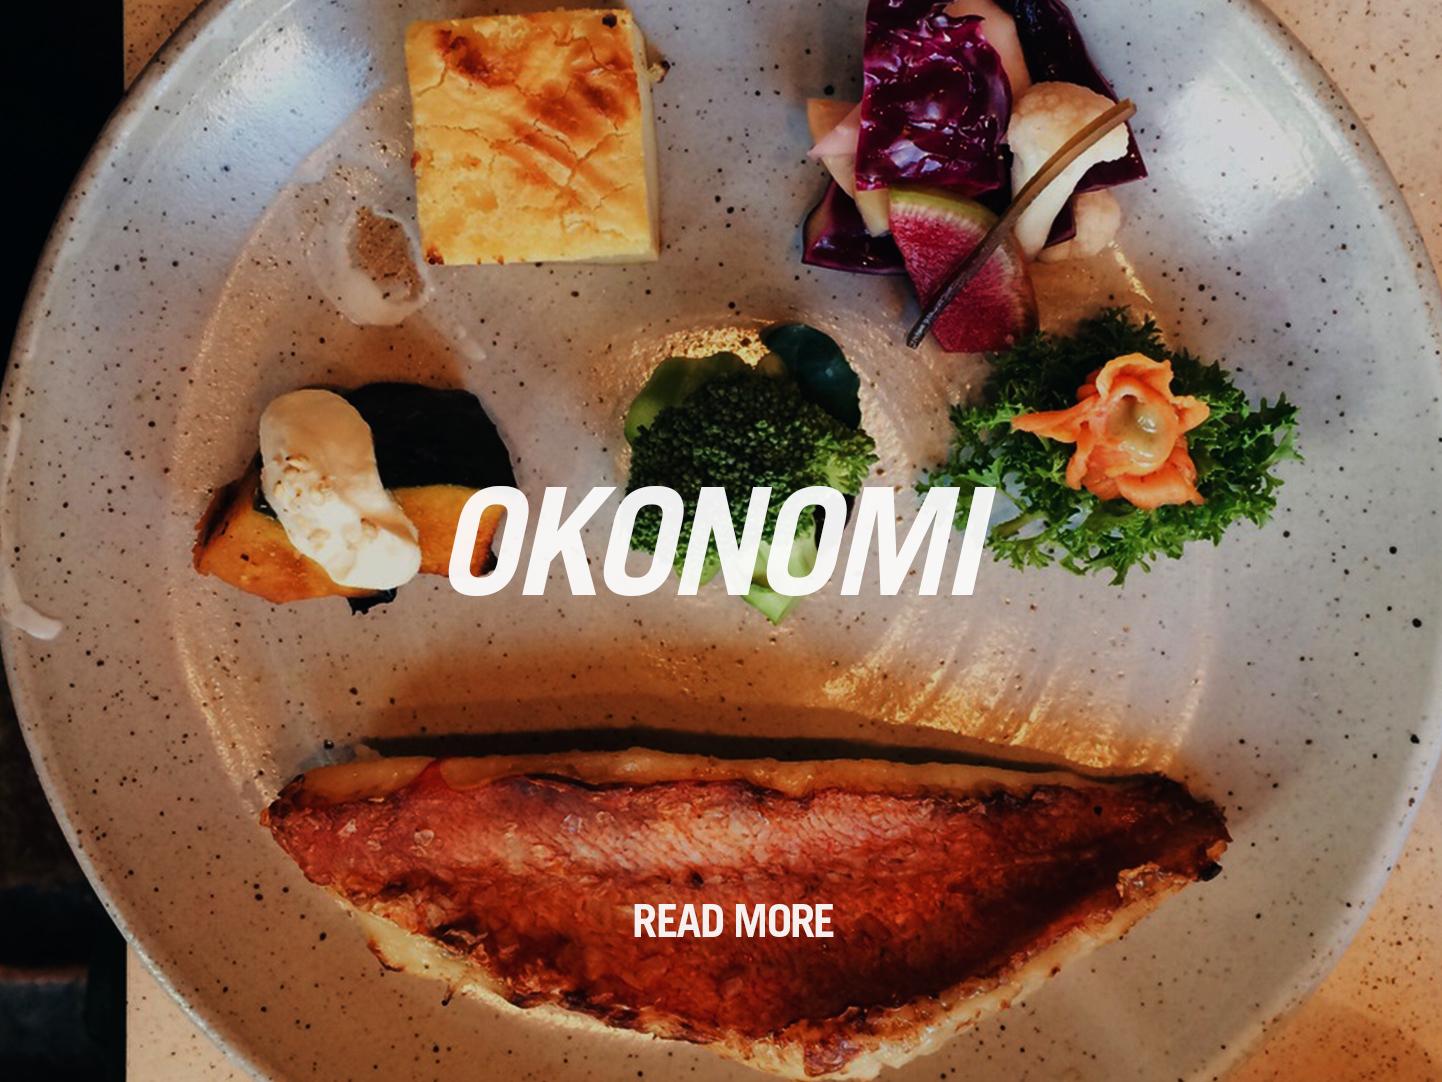 okonomi-feature.jpg